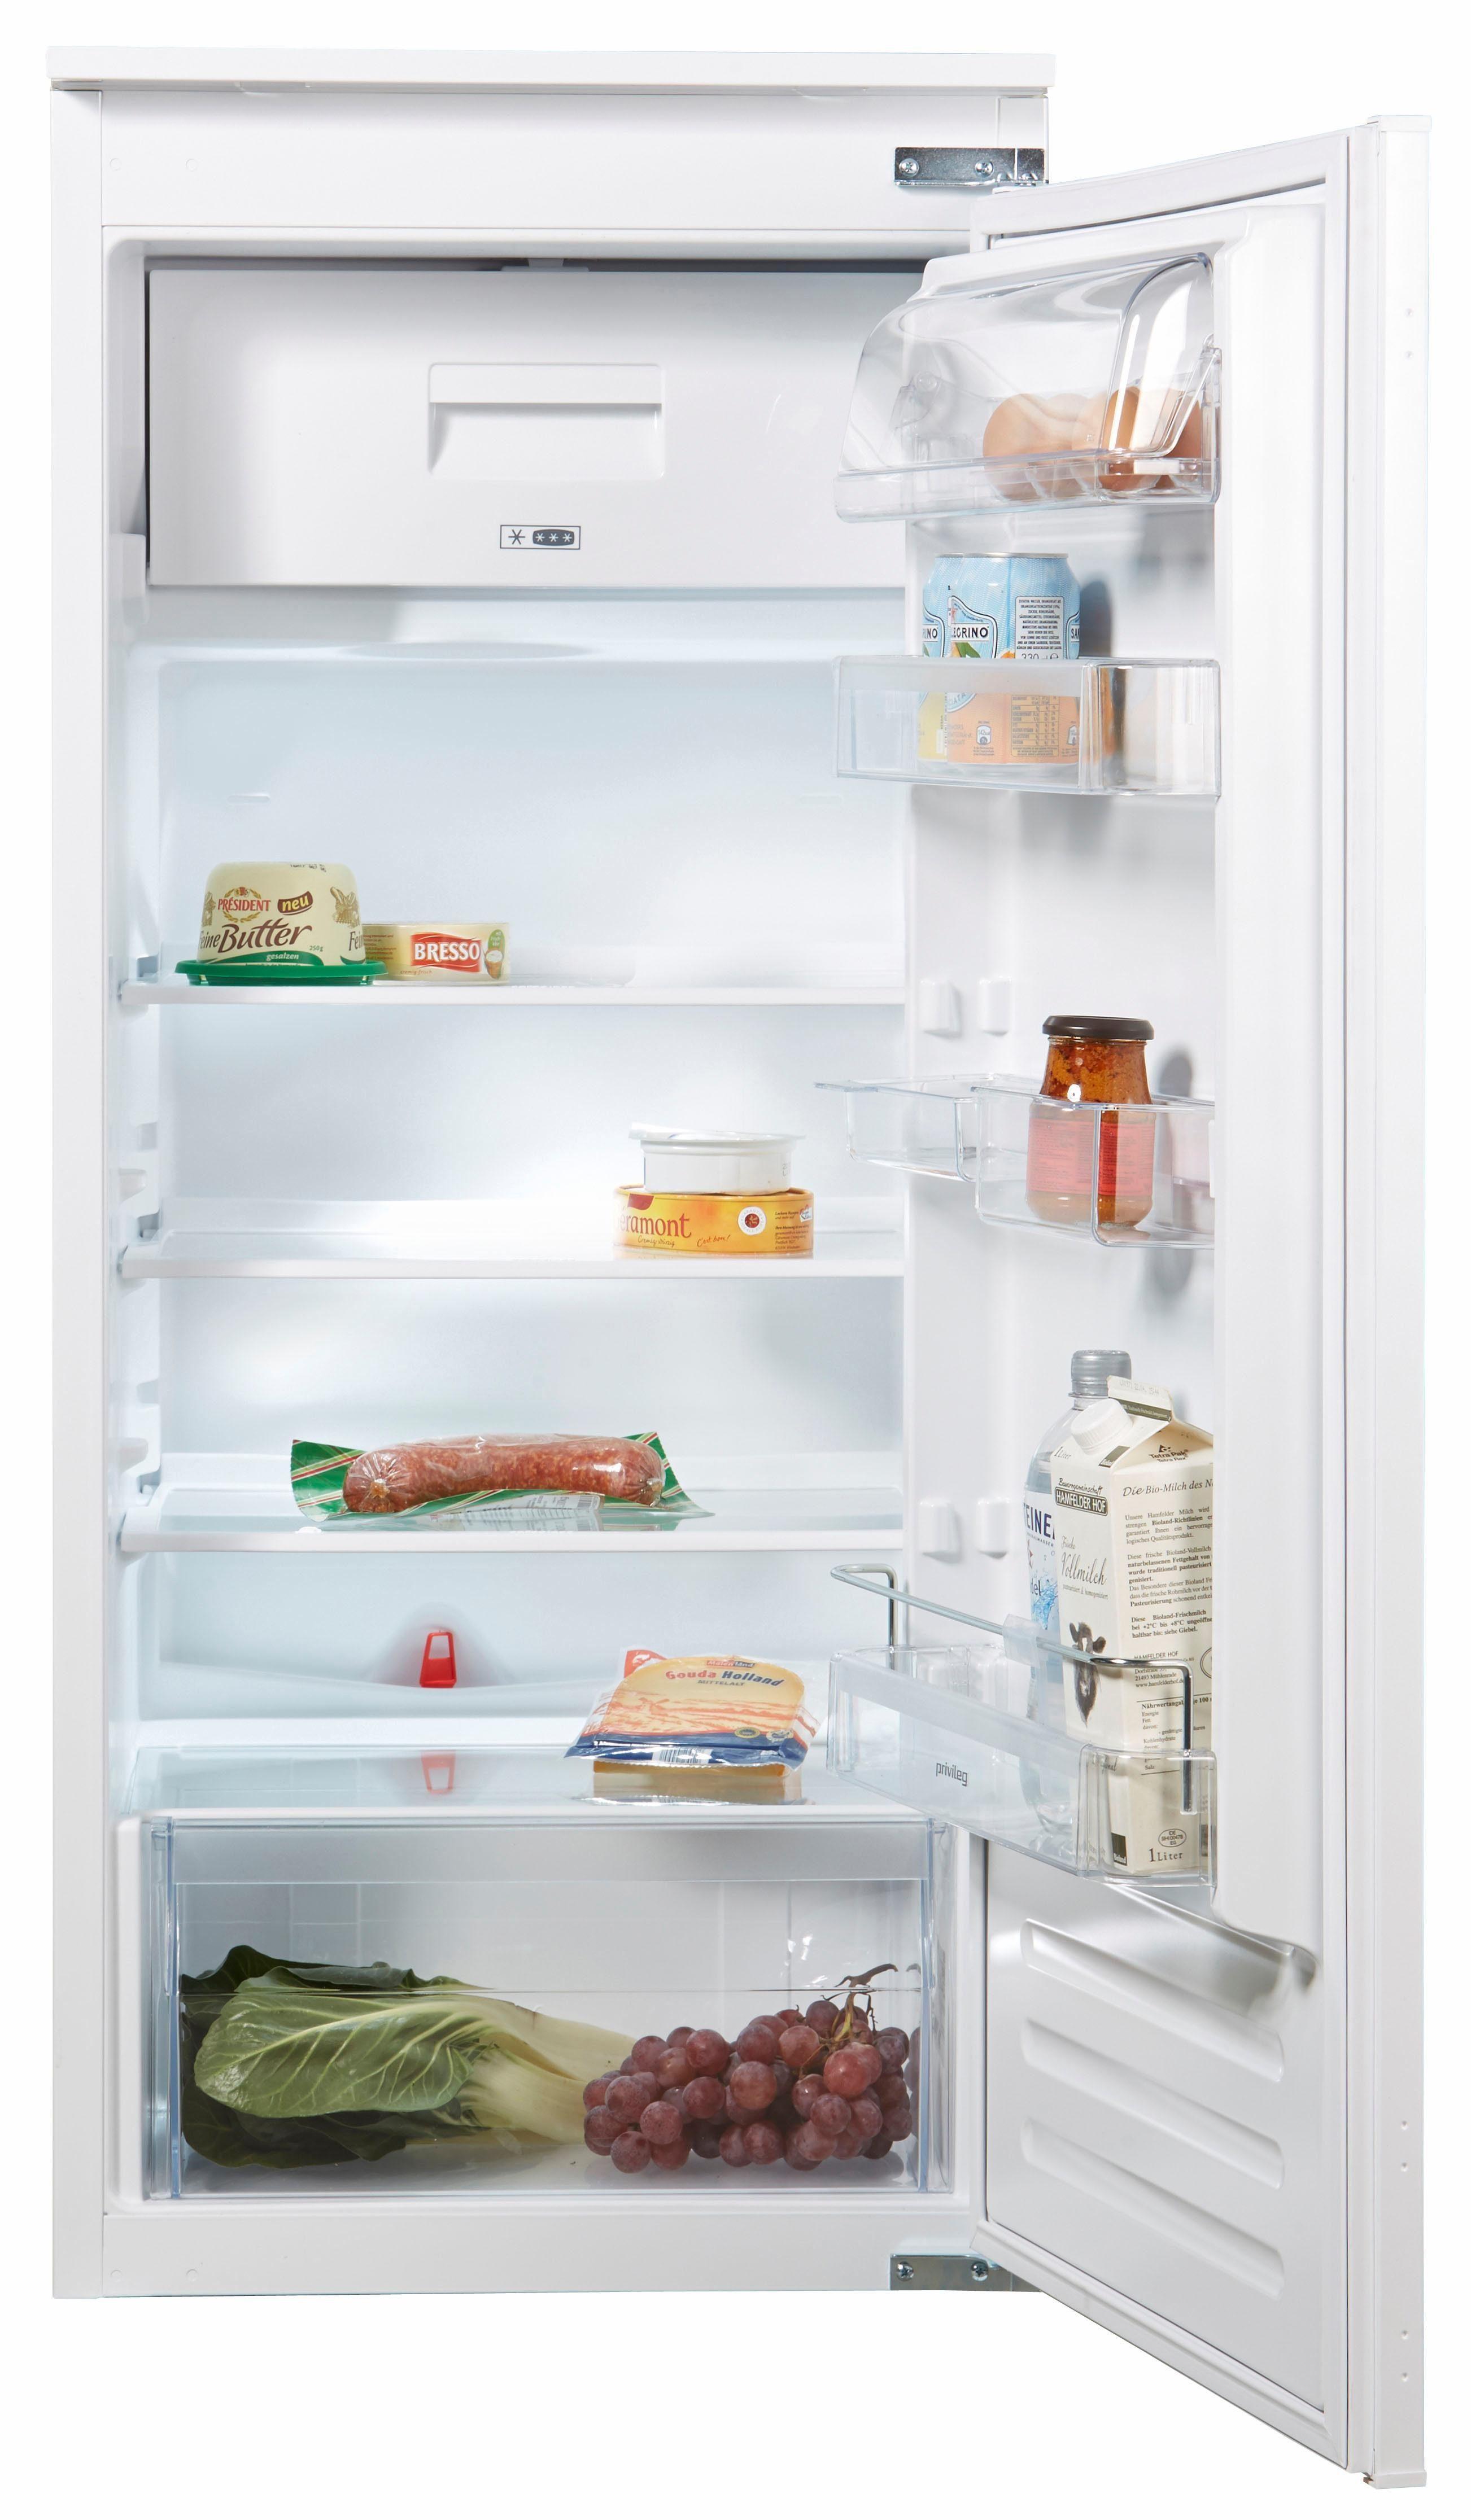 Privileg integrierbarer Einbaukühlschrank PRFI 225 A++, 122 cm hoch